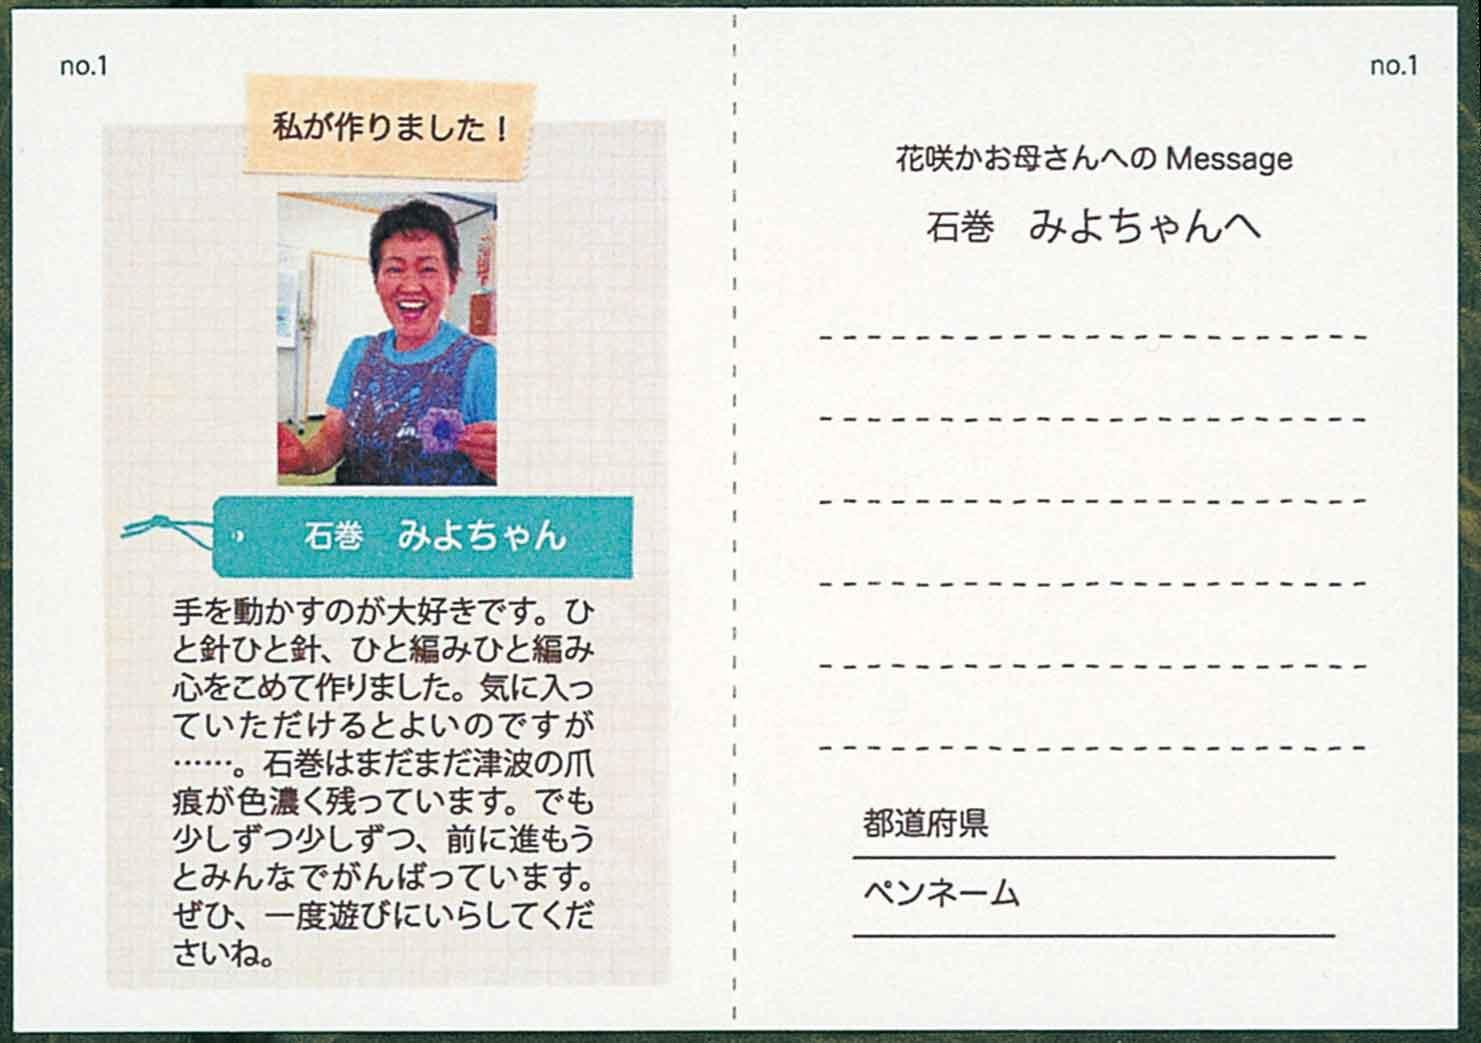 商品にはお母さんからのメッセージが書かれた「私が作りました」カード付き。作り手のお母さんに、あなたからのメッセージもフェリシモを通して返信できます。